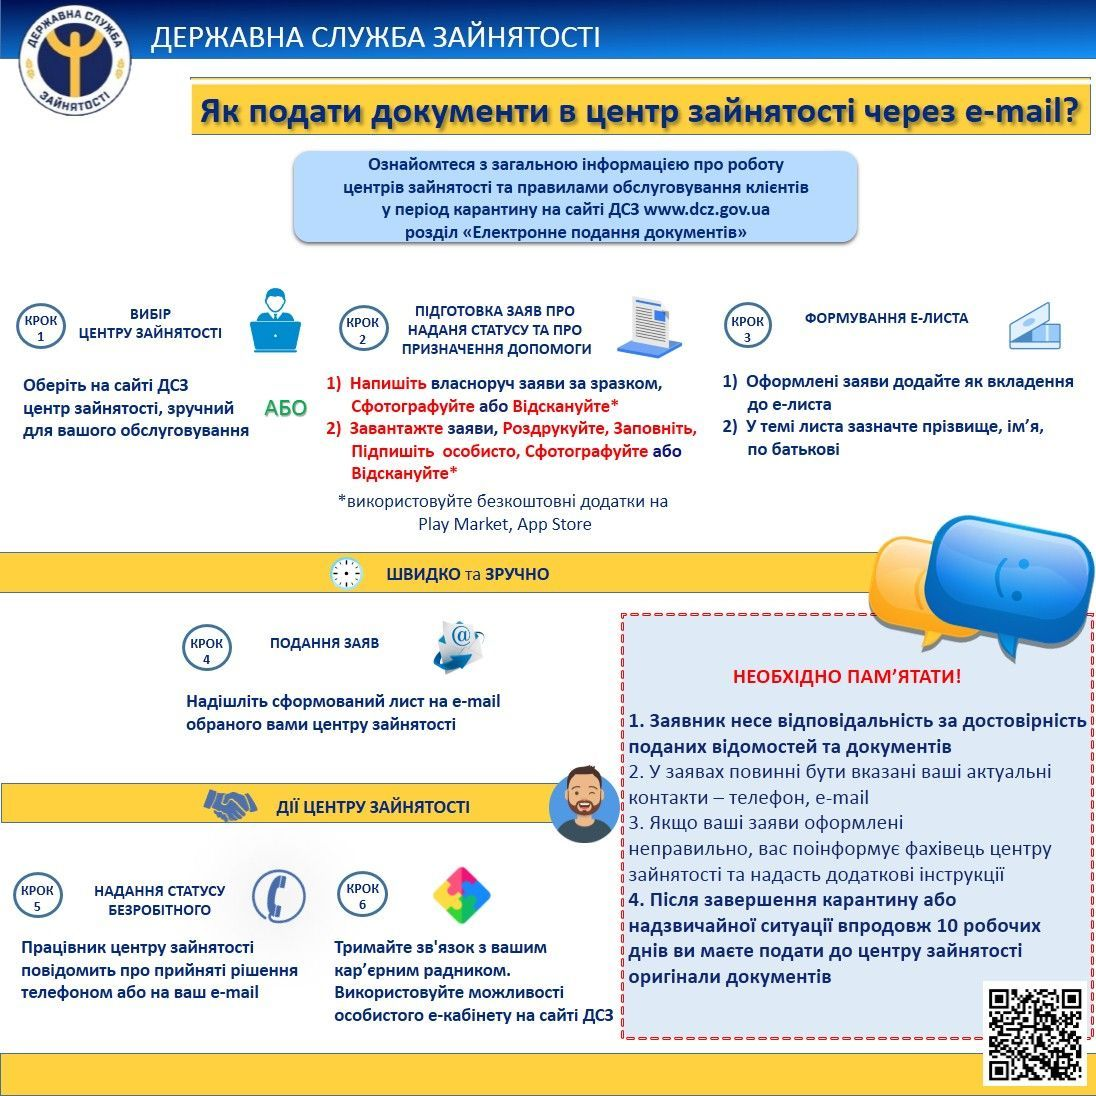 В Украине из-за коронавируса массово увольняют людей: Госслужба ...